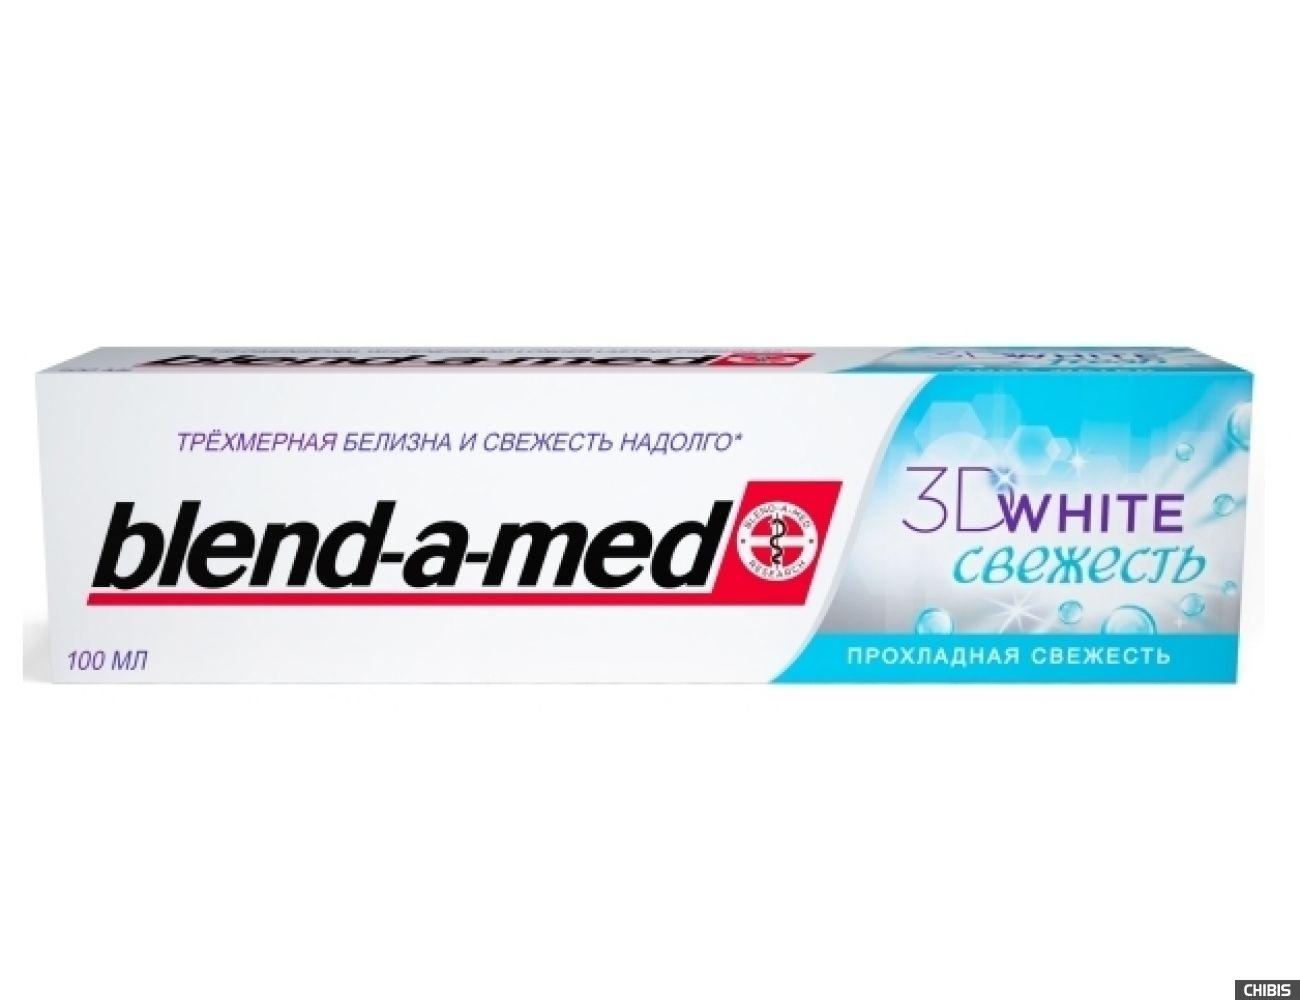 Зубная паста Blend-a-med 3D White Фреш Прохладная Свежесть 100 мл.(5013965612725)